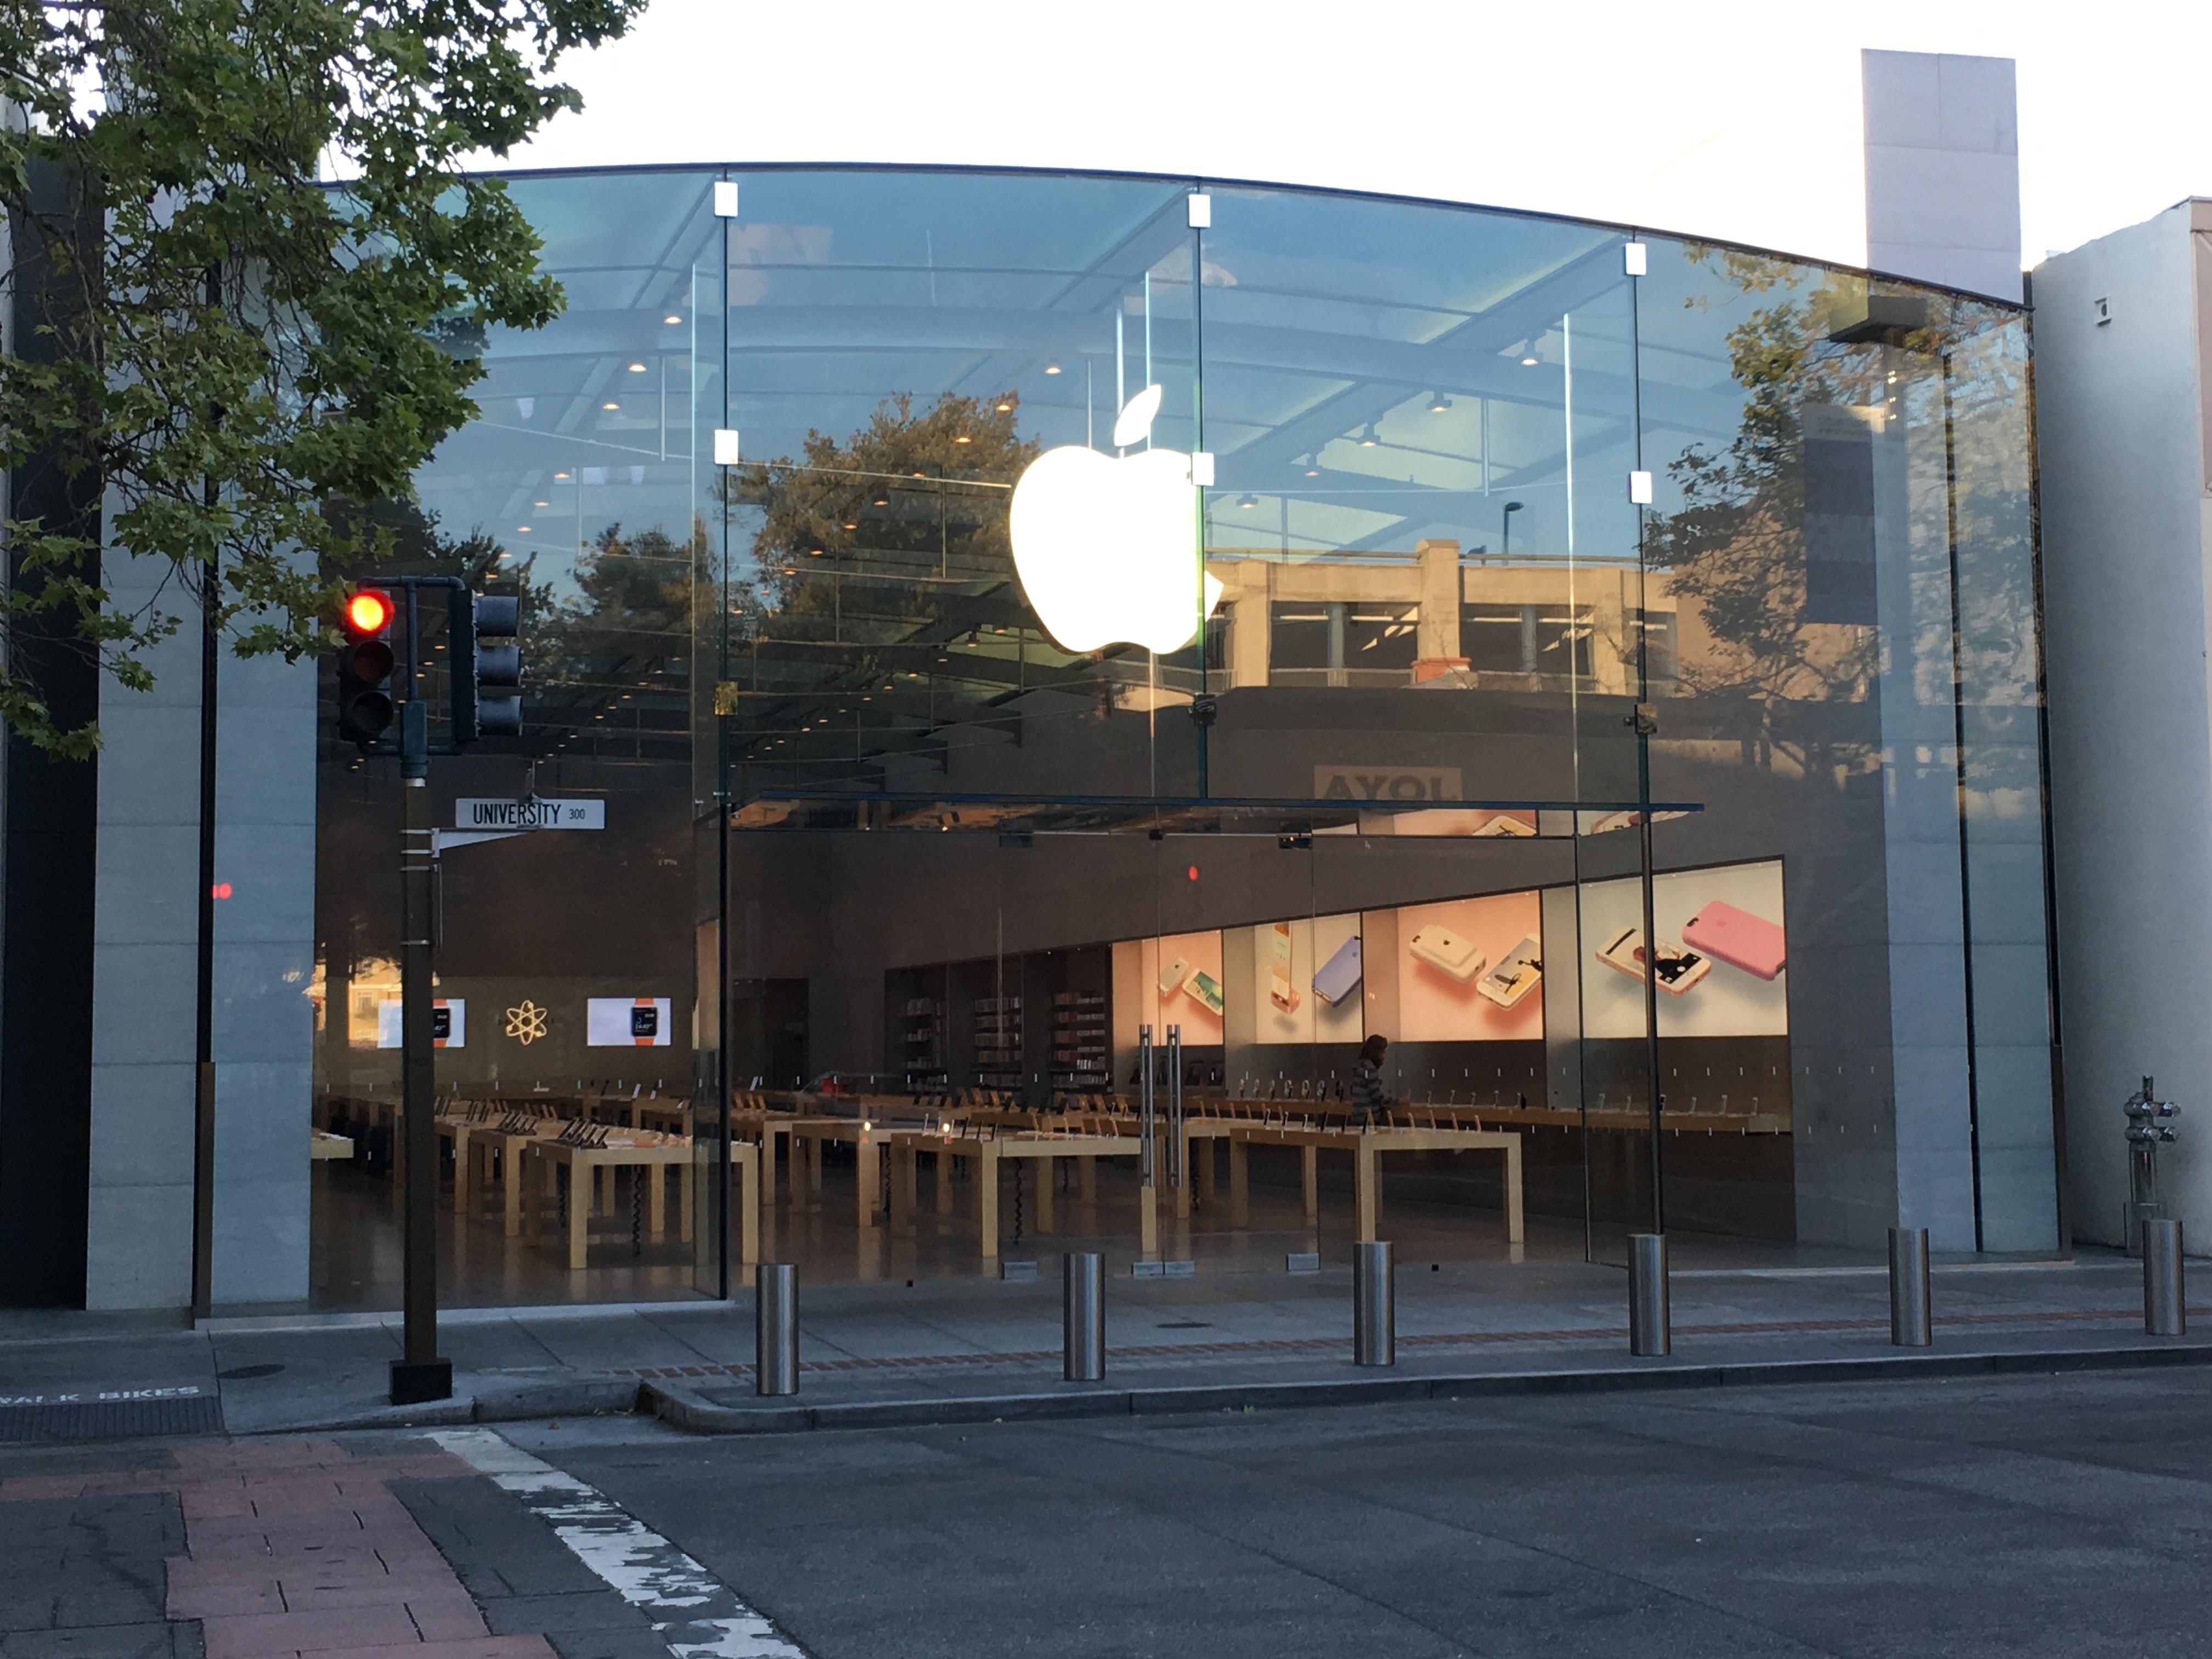 Apple med AR-oppkjøp: - Vi diskuterer ikke planene våre.